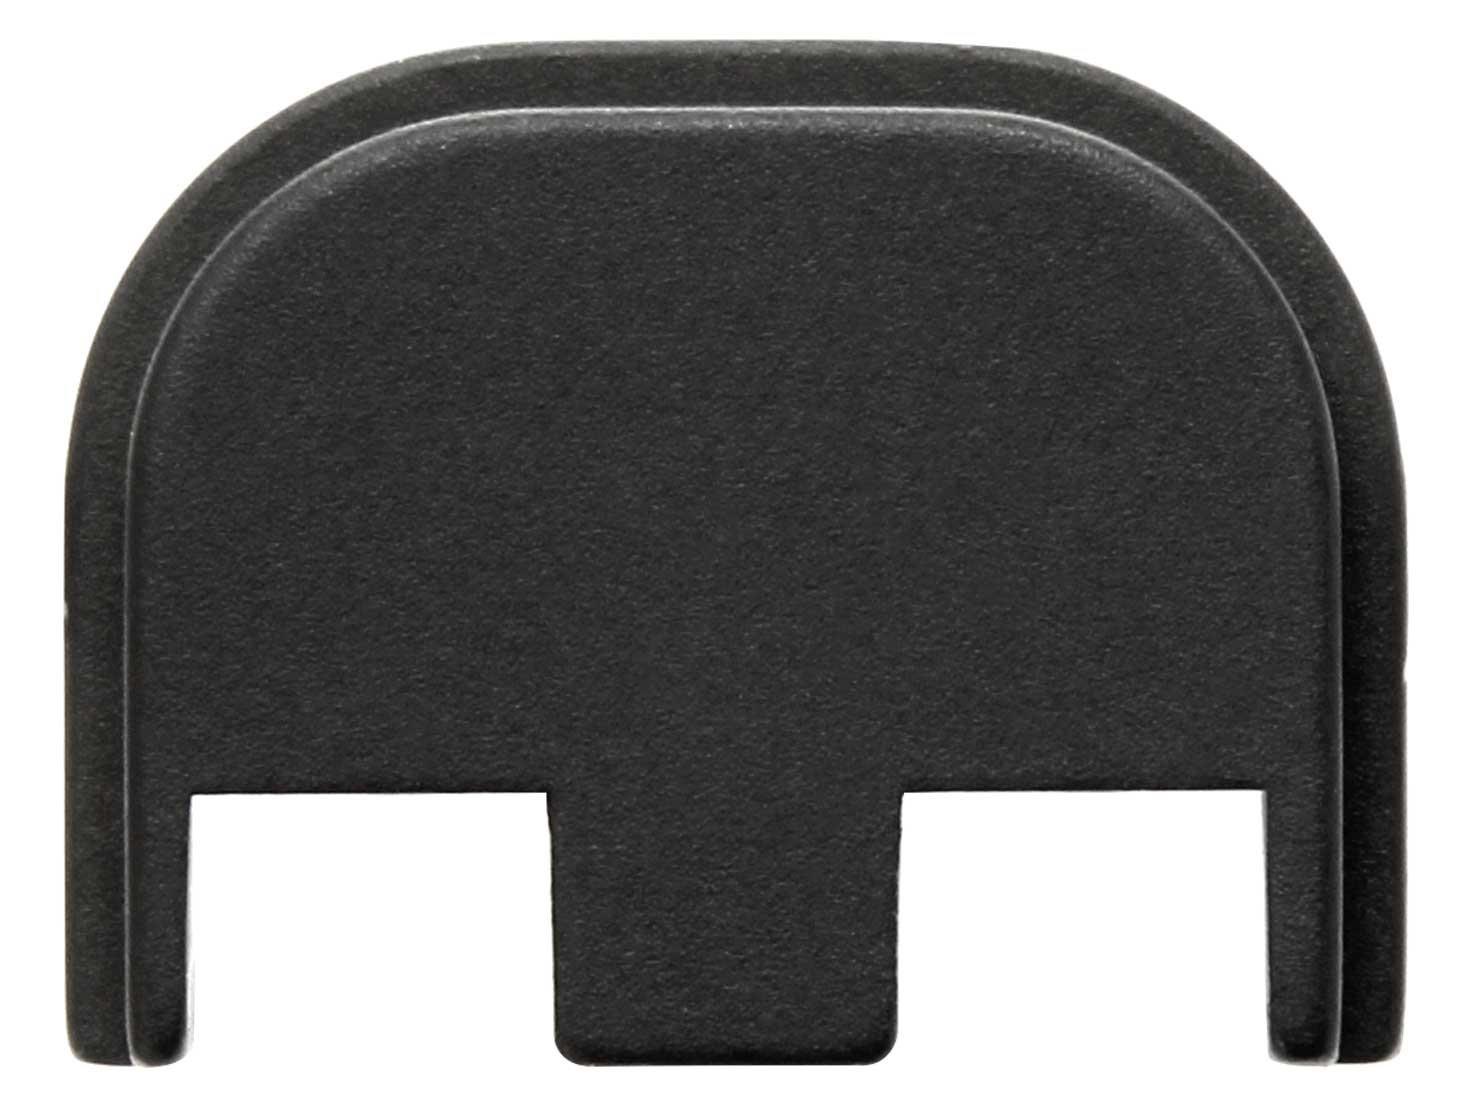 for Glock Gen 5 Back Plate 9mm 17 19 19x 26 34 45 Black NDZ - Choose Your Design